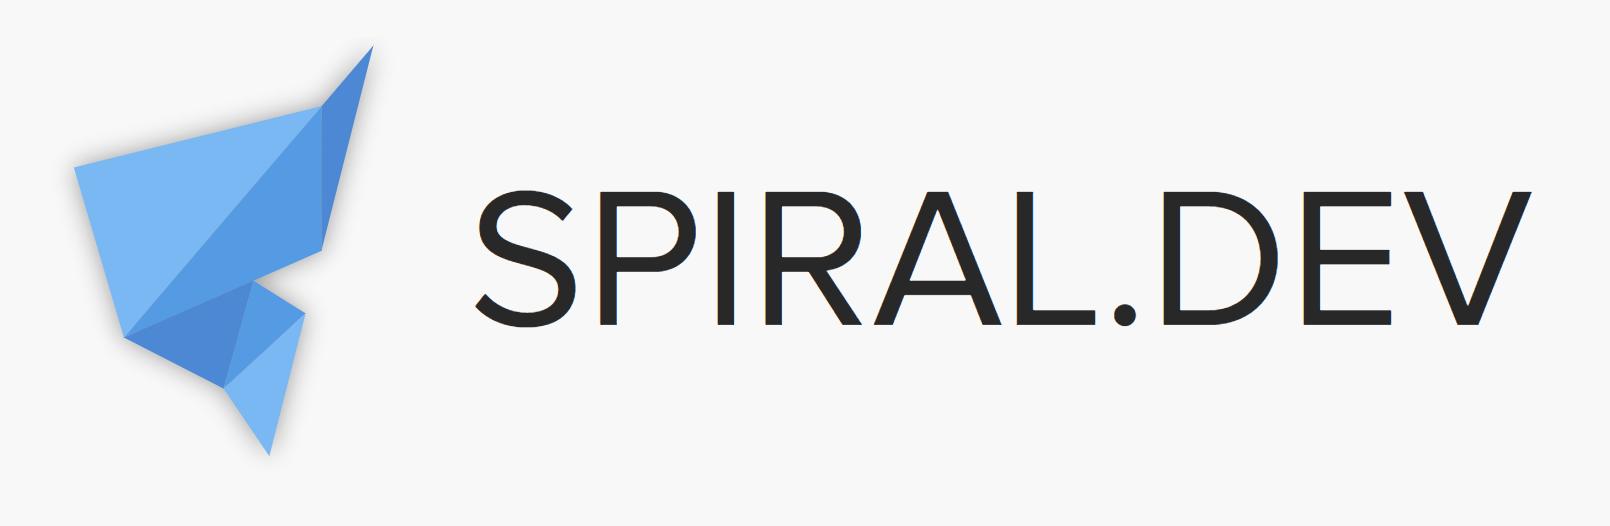 Spiral: высокопроизводительный PHP/Go фреймворк — IT-МИР. ПОМОЩЬ В IT-МИРЕ 2021